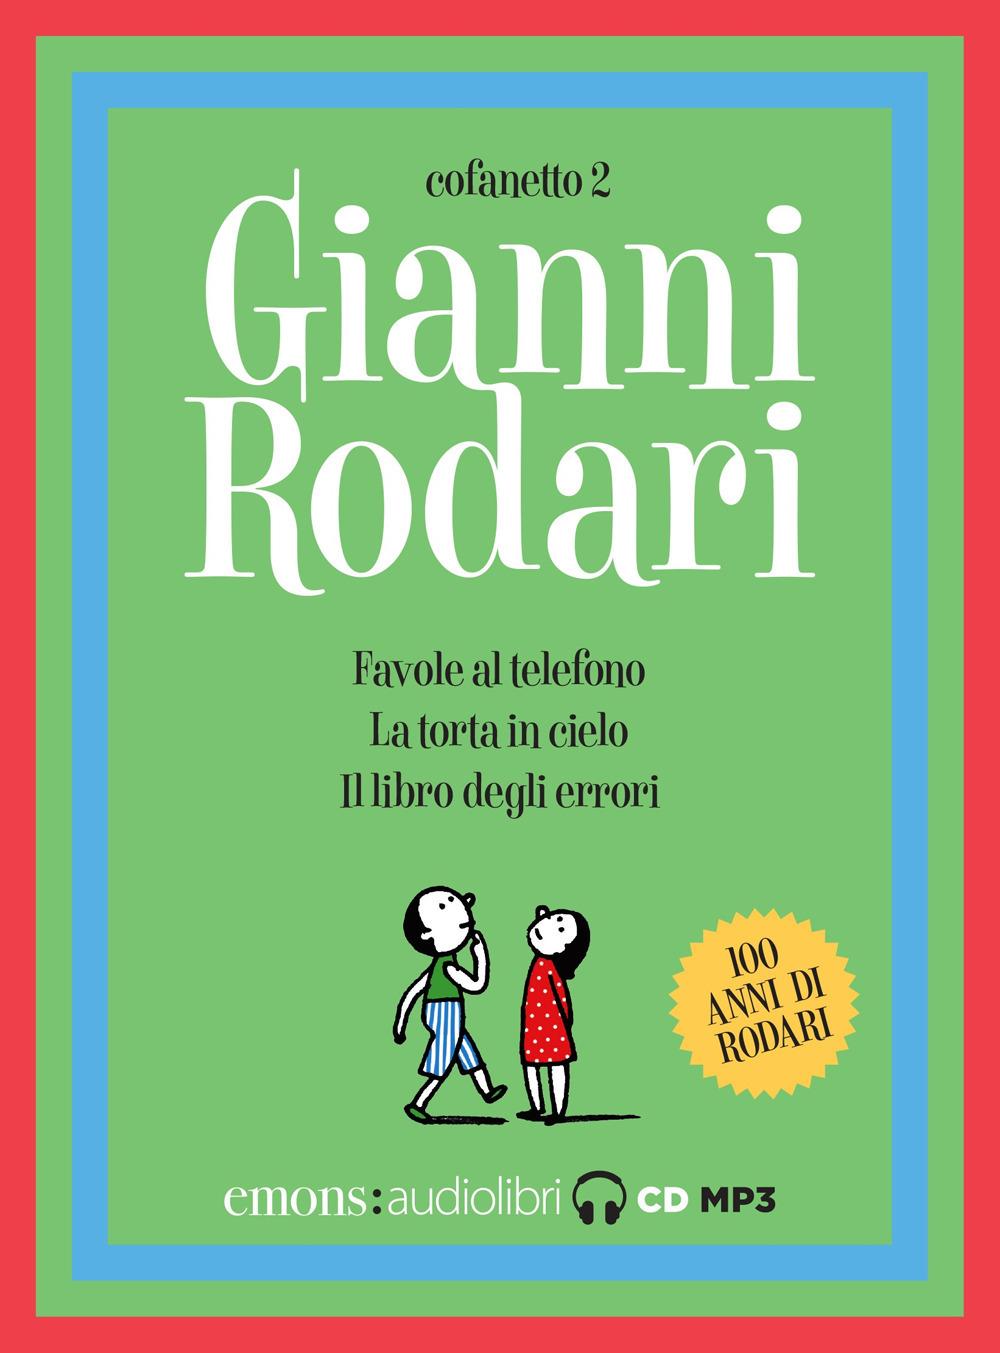 FAVOLE AL TELEFONO COFANETTO 2 - Rodari Gianni - 9788869865817